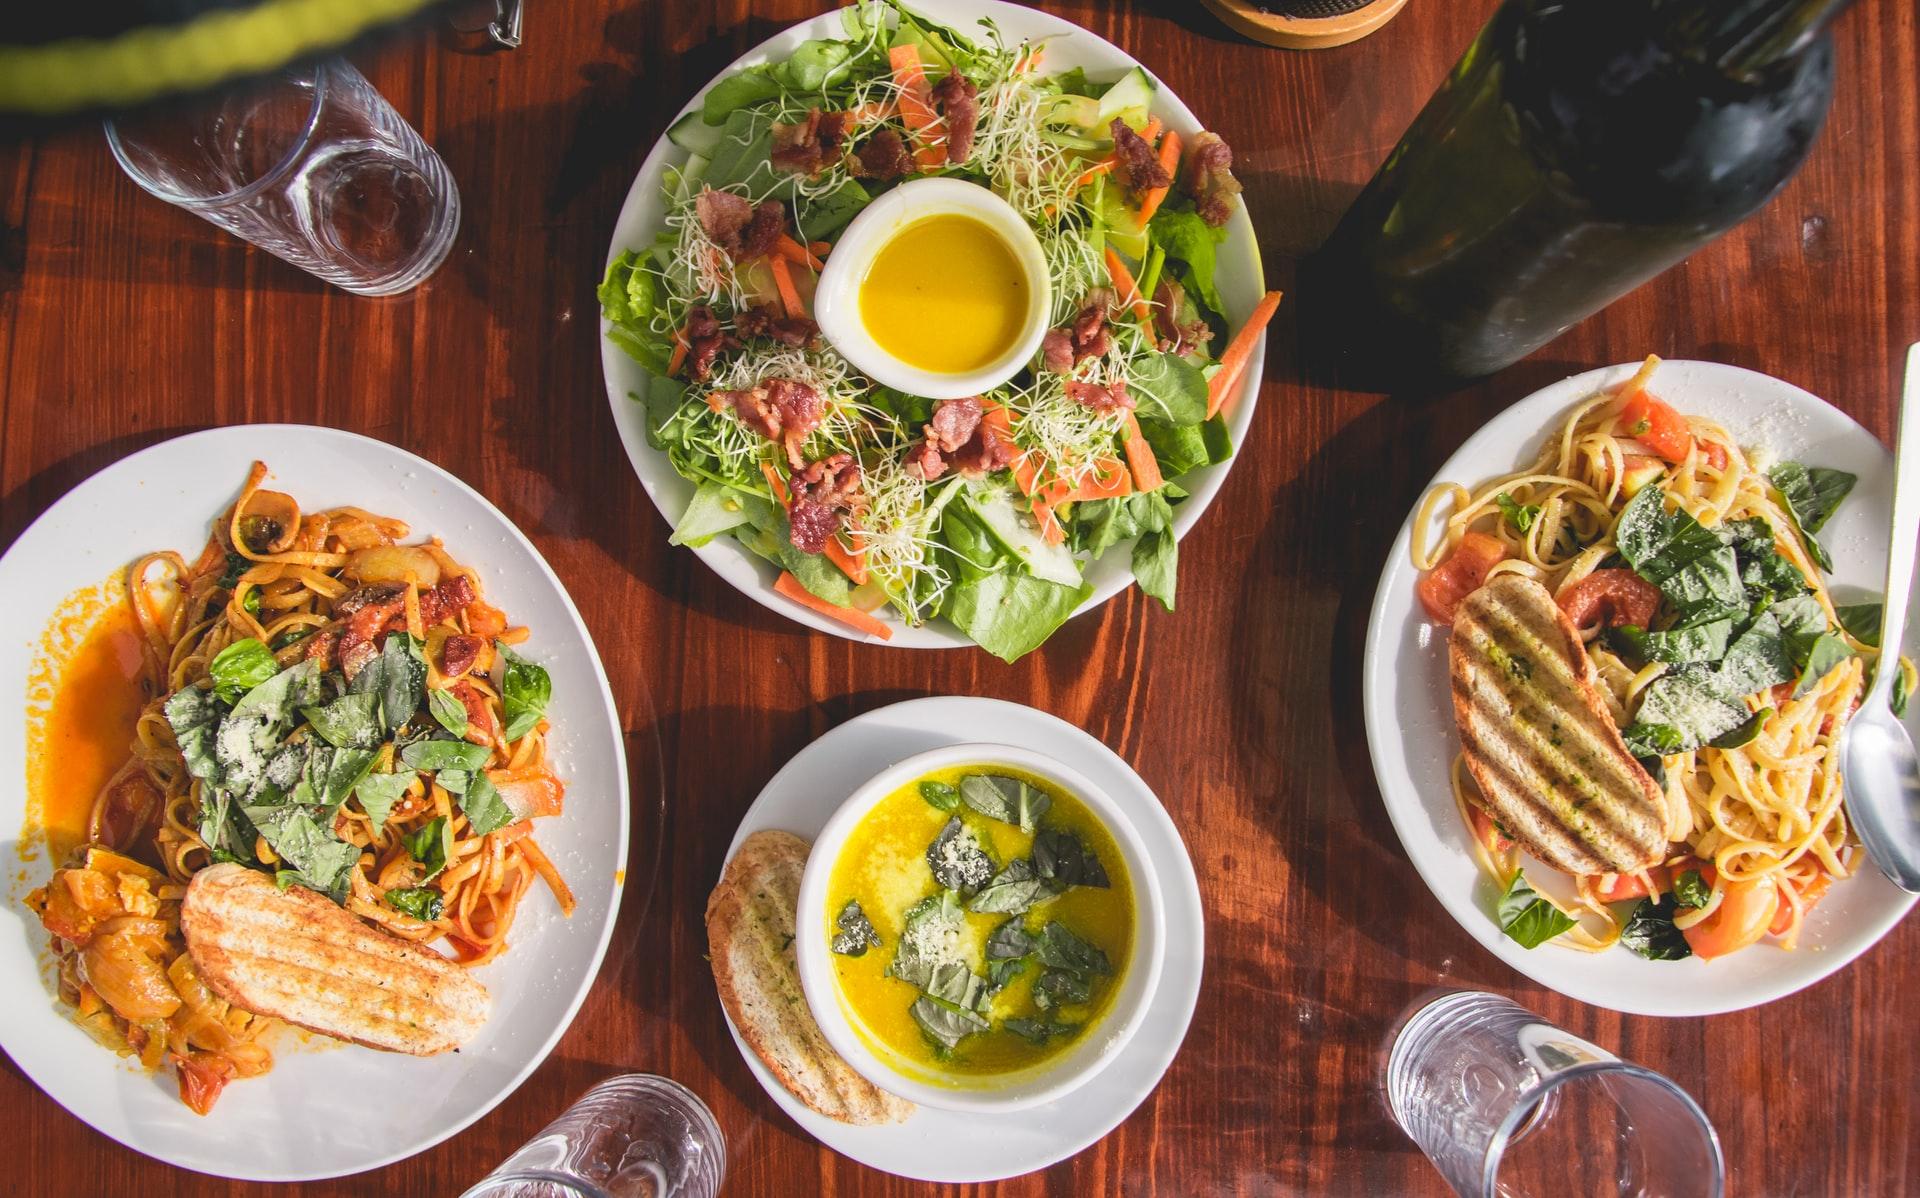 Best Restaurants in Bristol